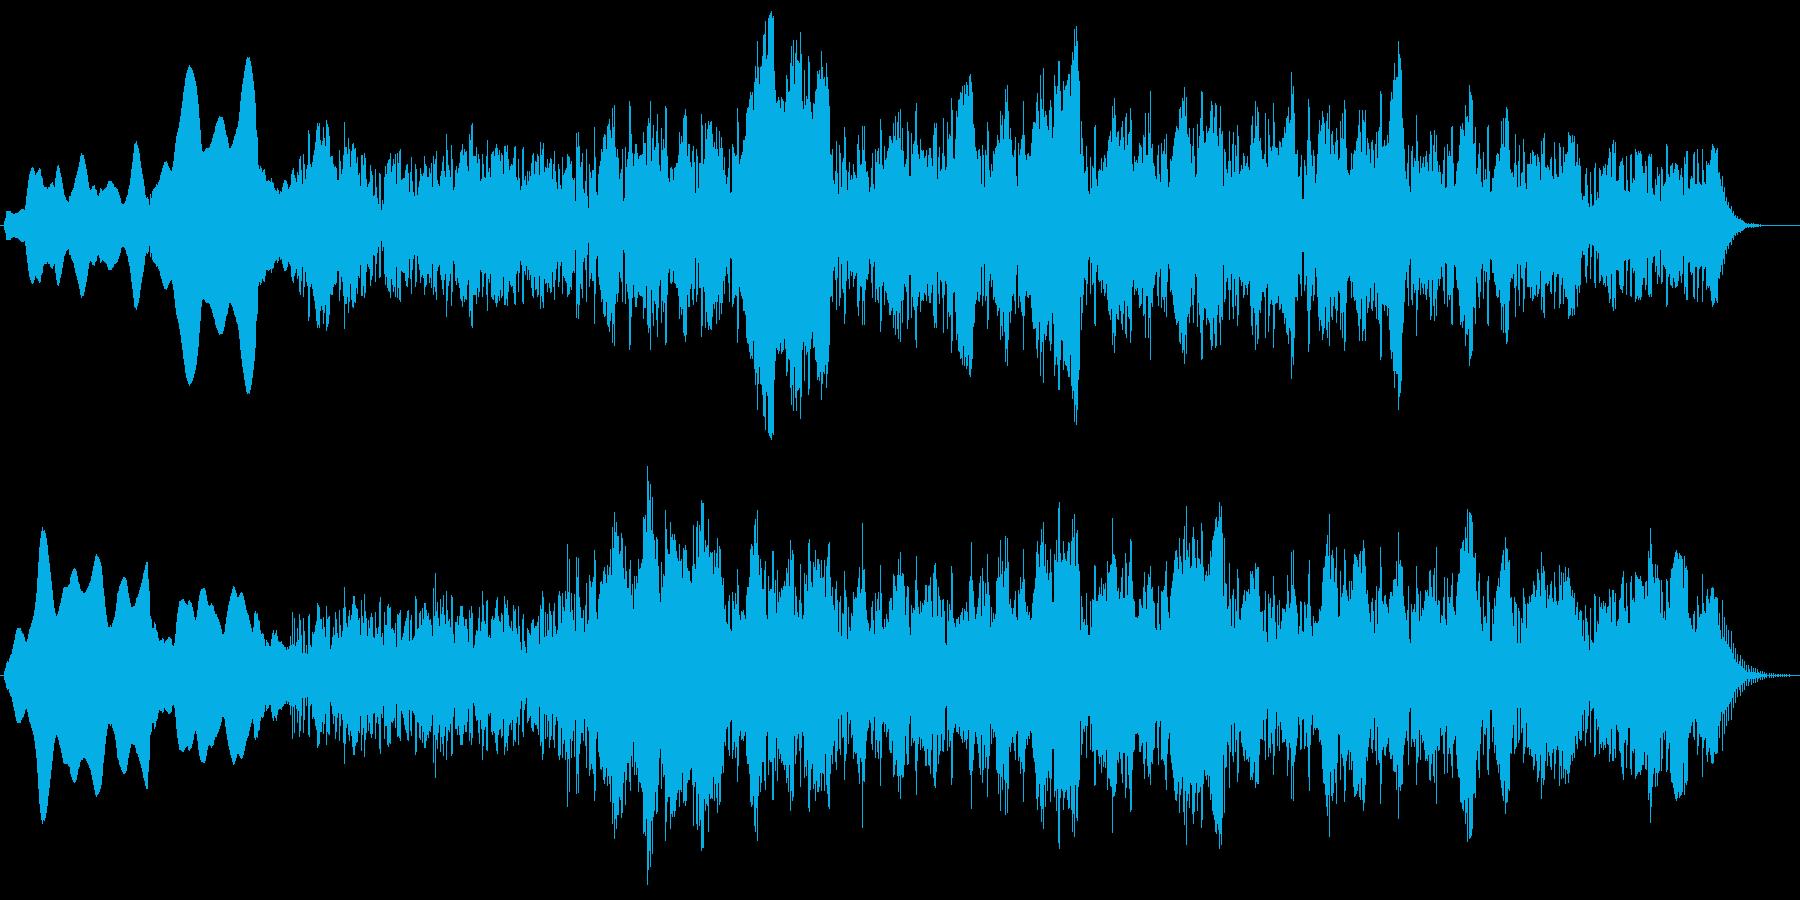 アンビエント,機械的なノイズの再生済みの波形